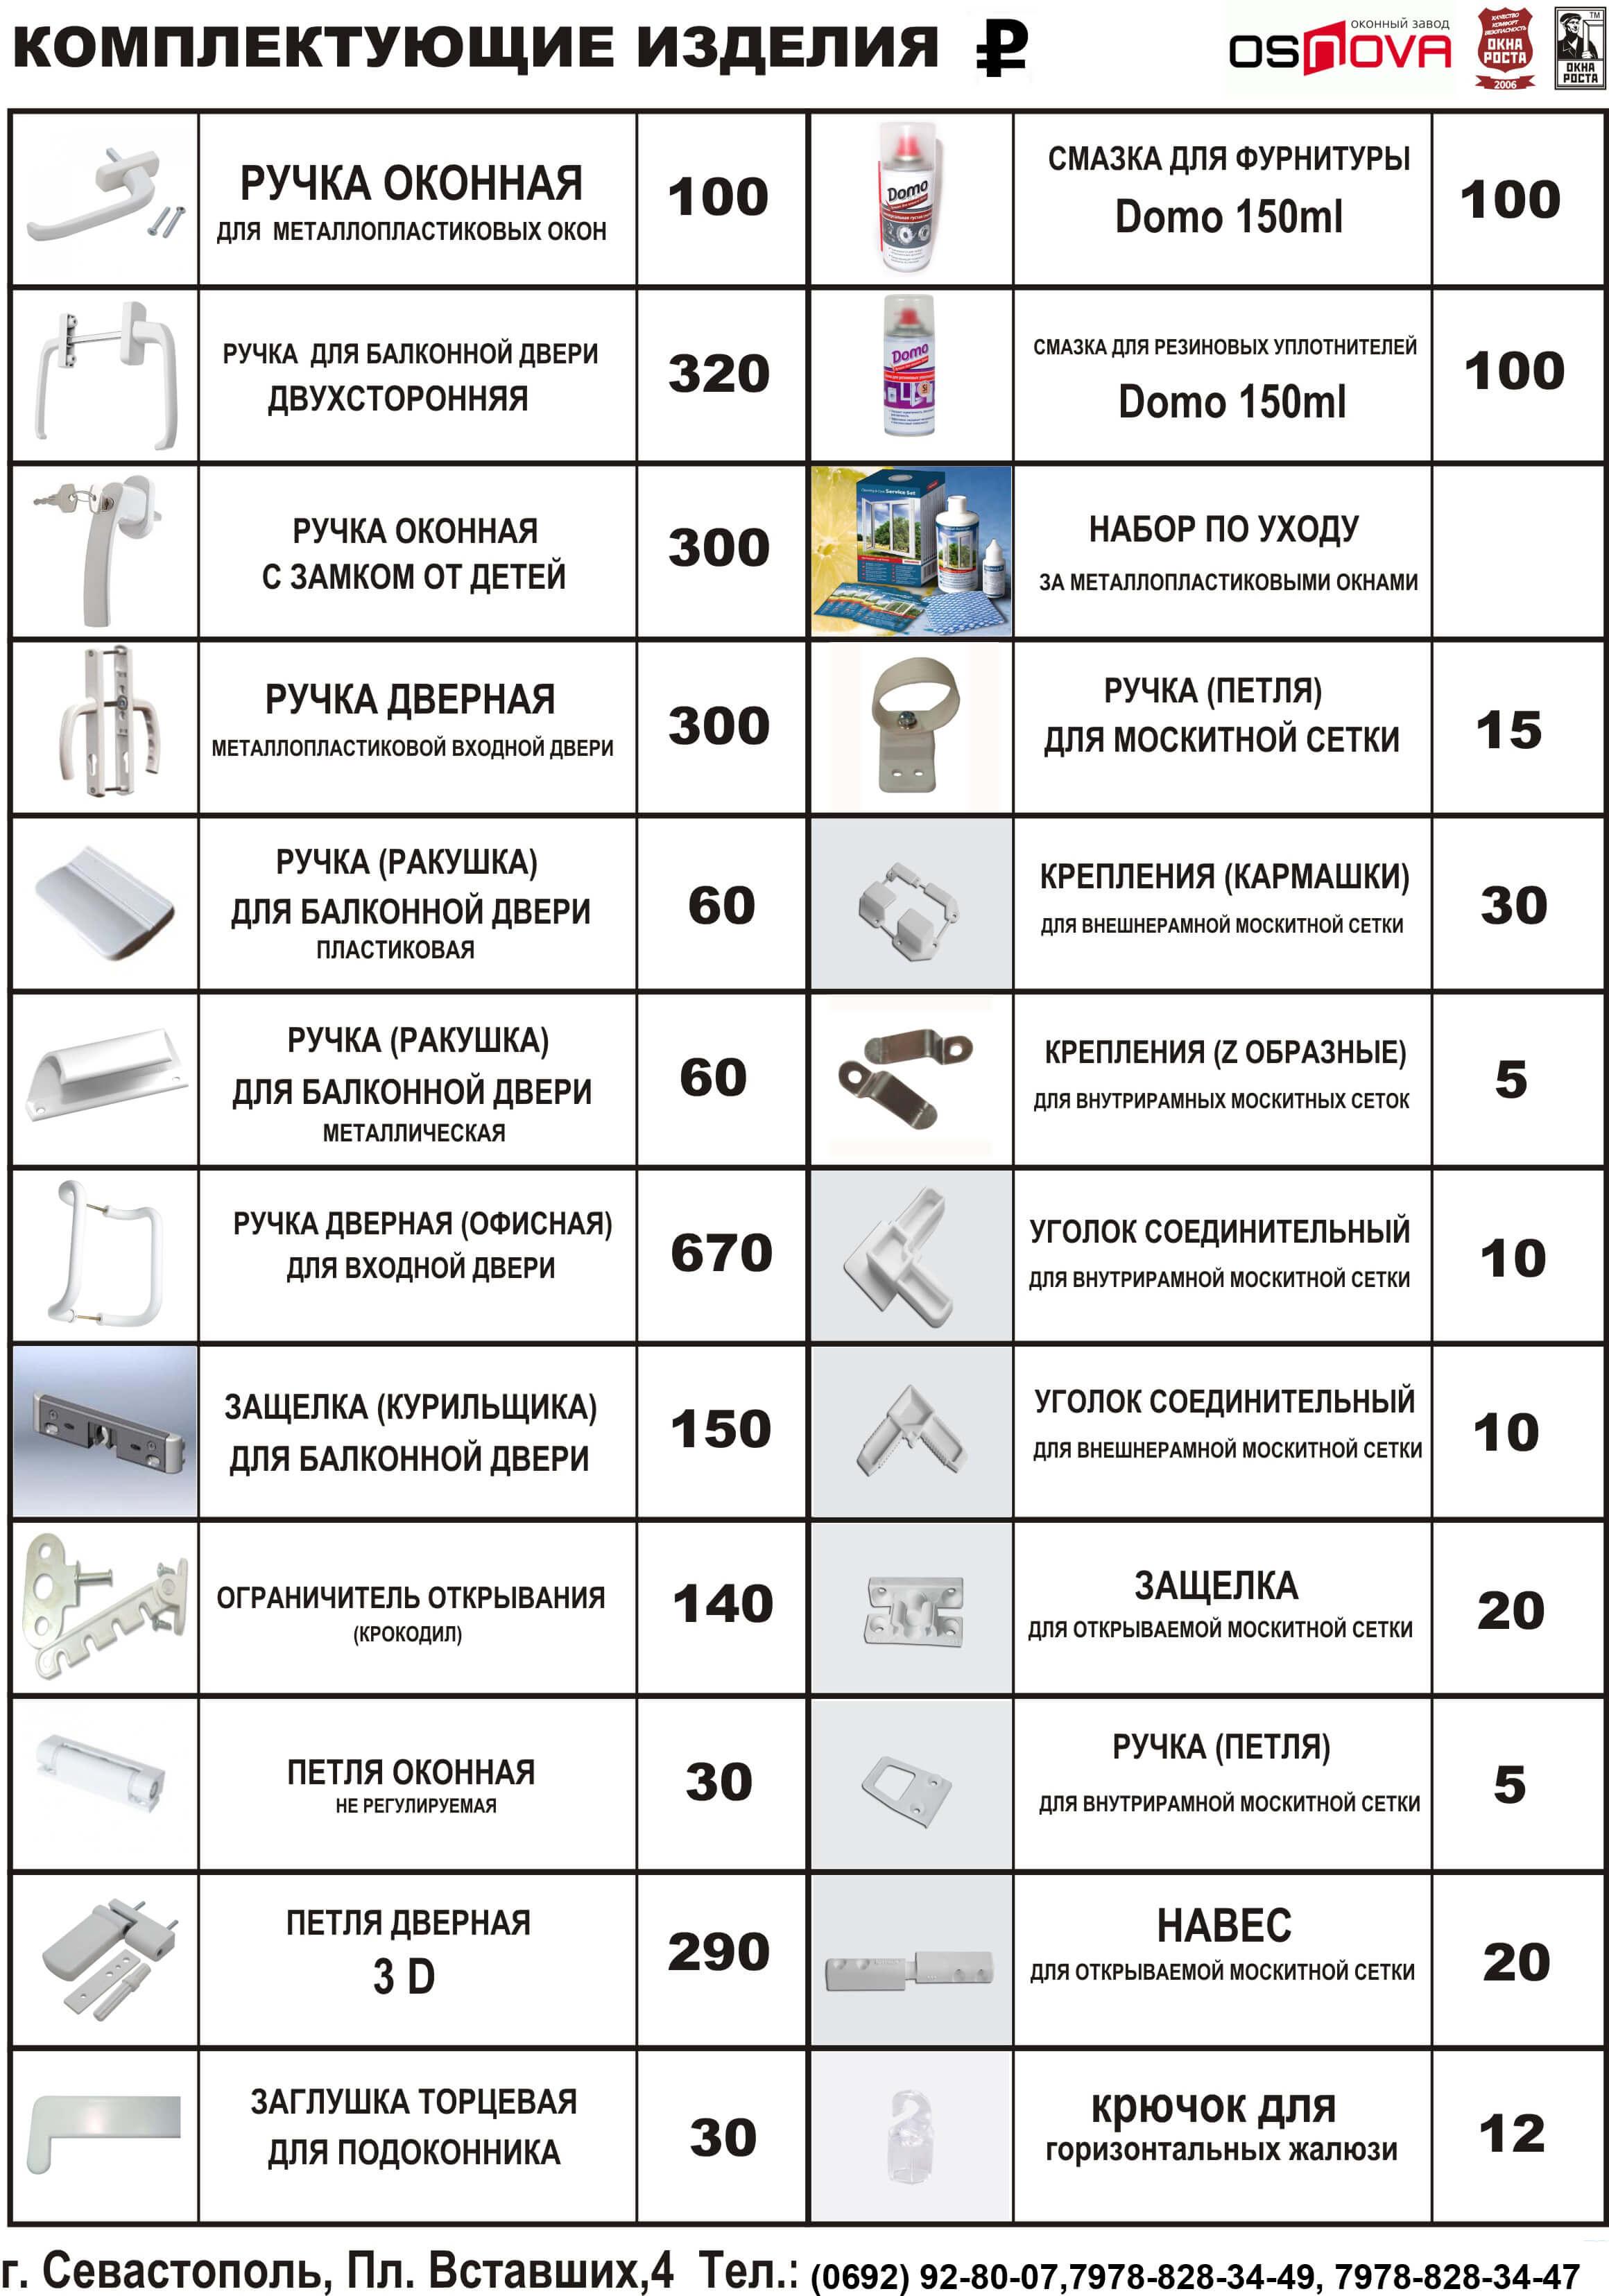 Инструкция по эксплуатации пластиковых окон